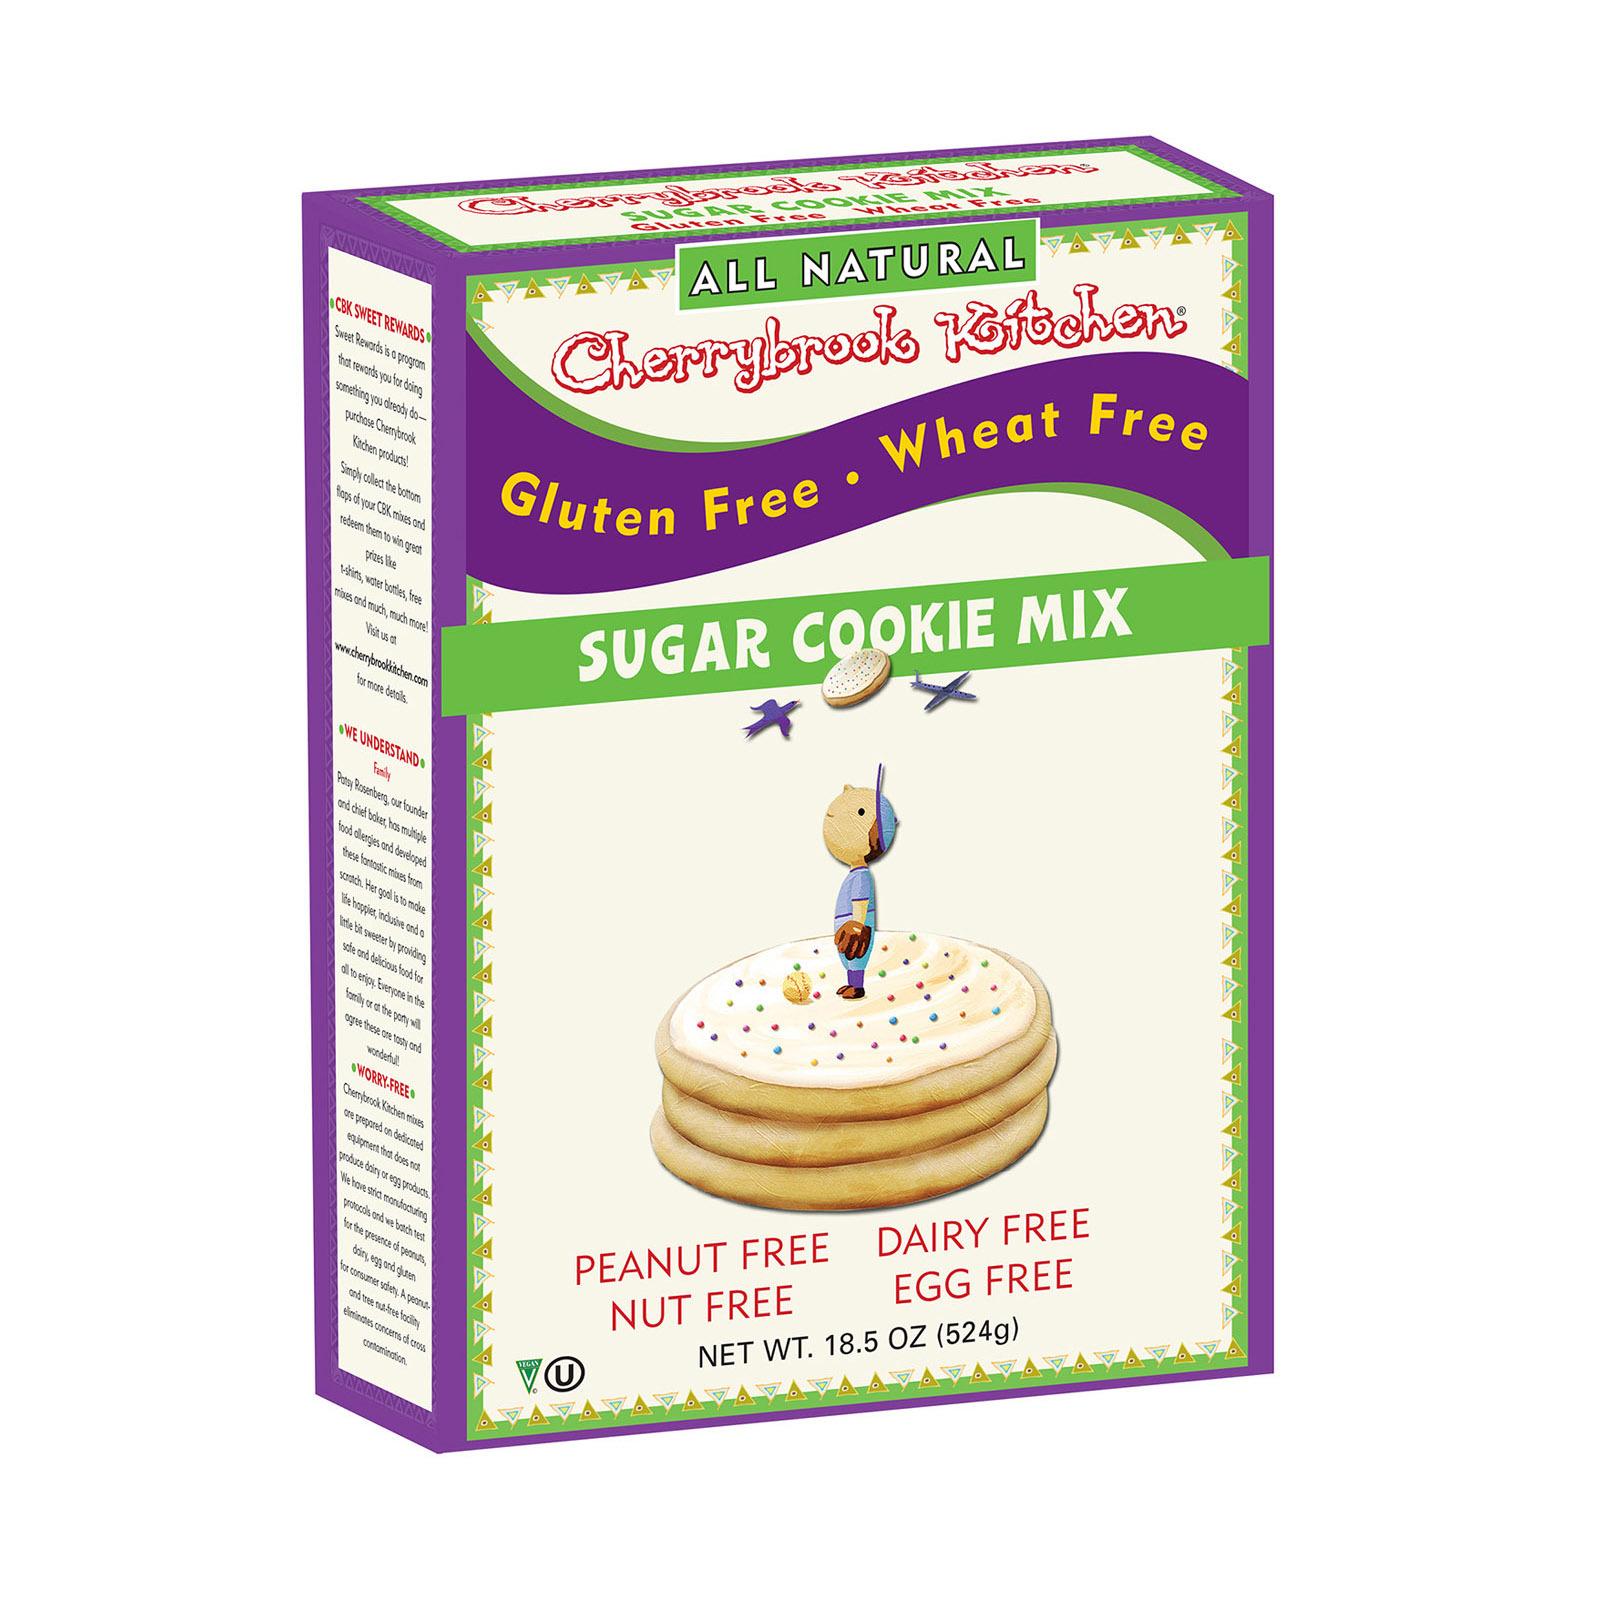 Cherrybrook Kitchen Sugar Cookie Mix - Case of 6 - 13.1oz